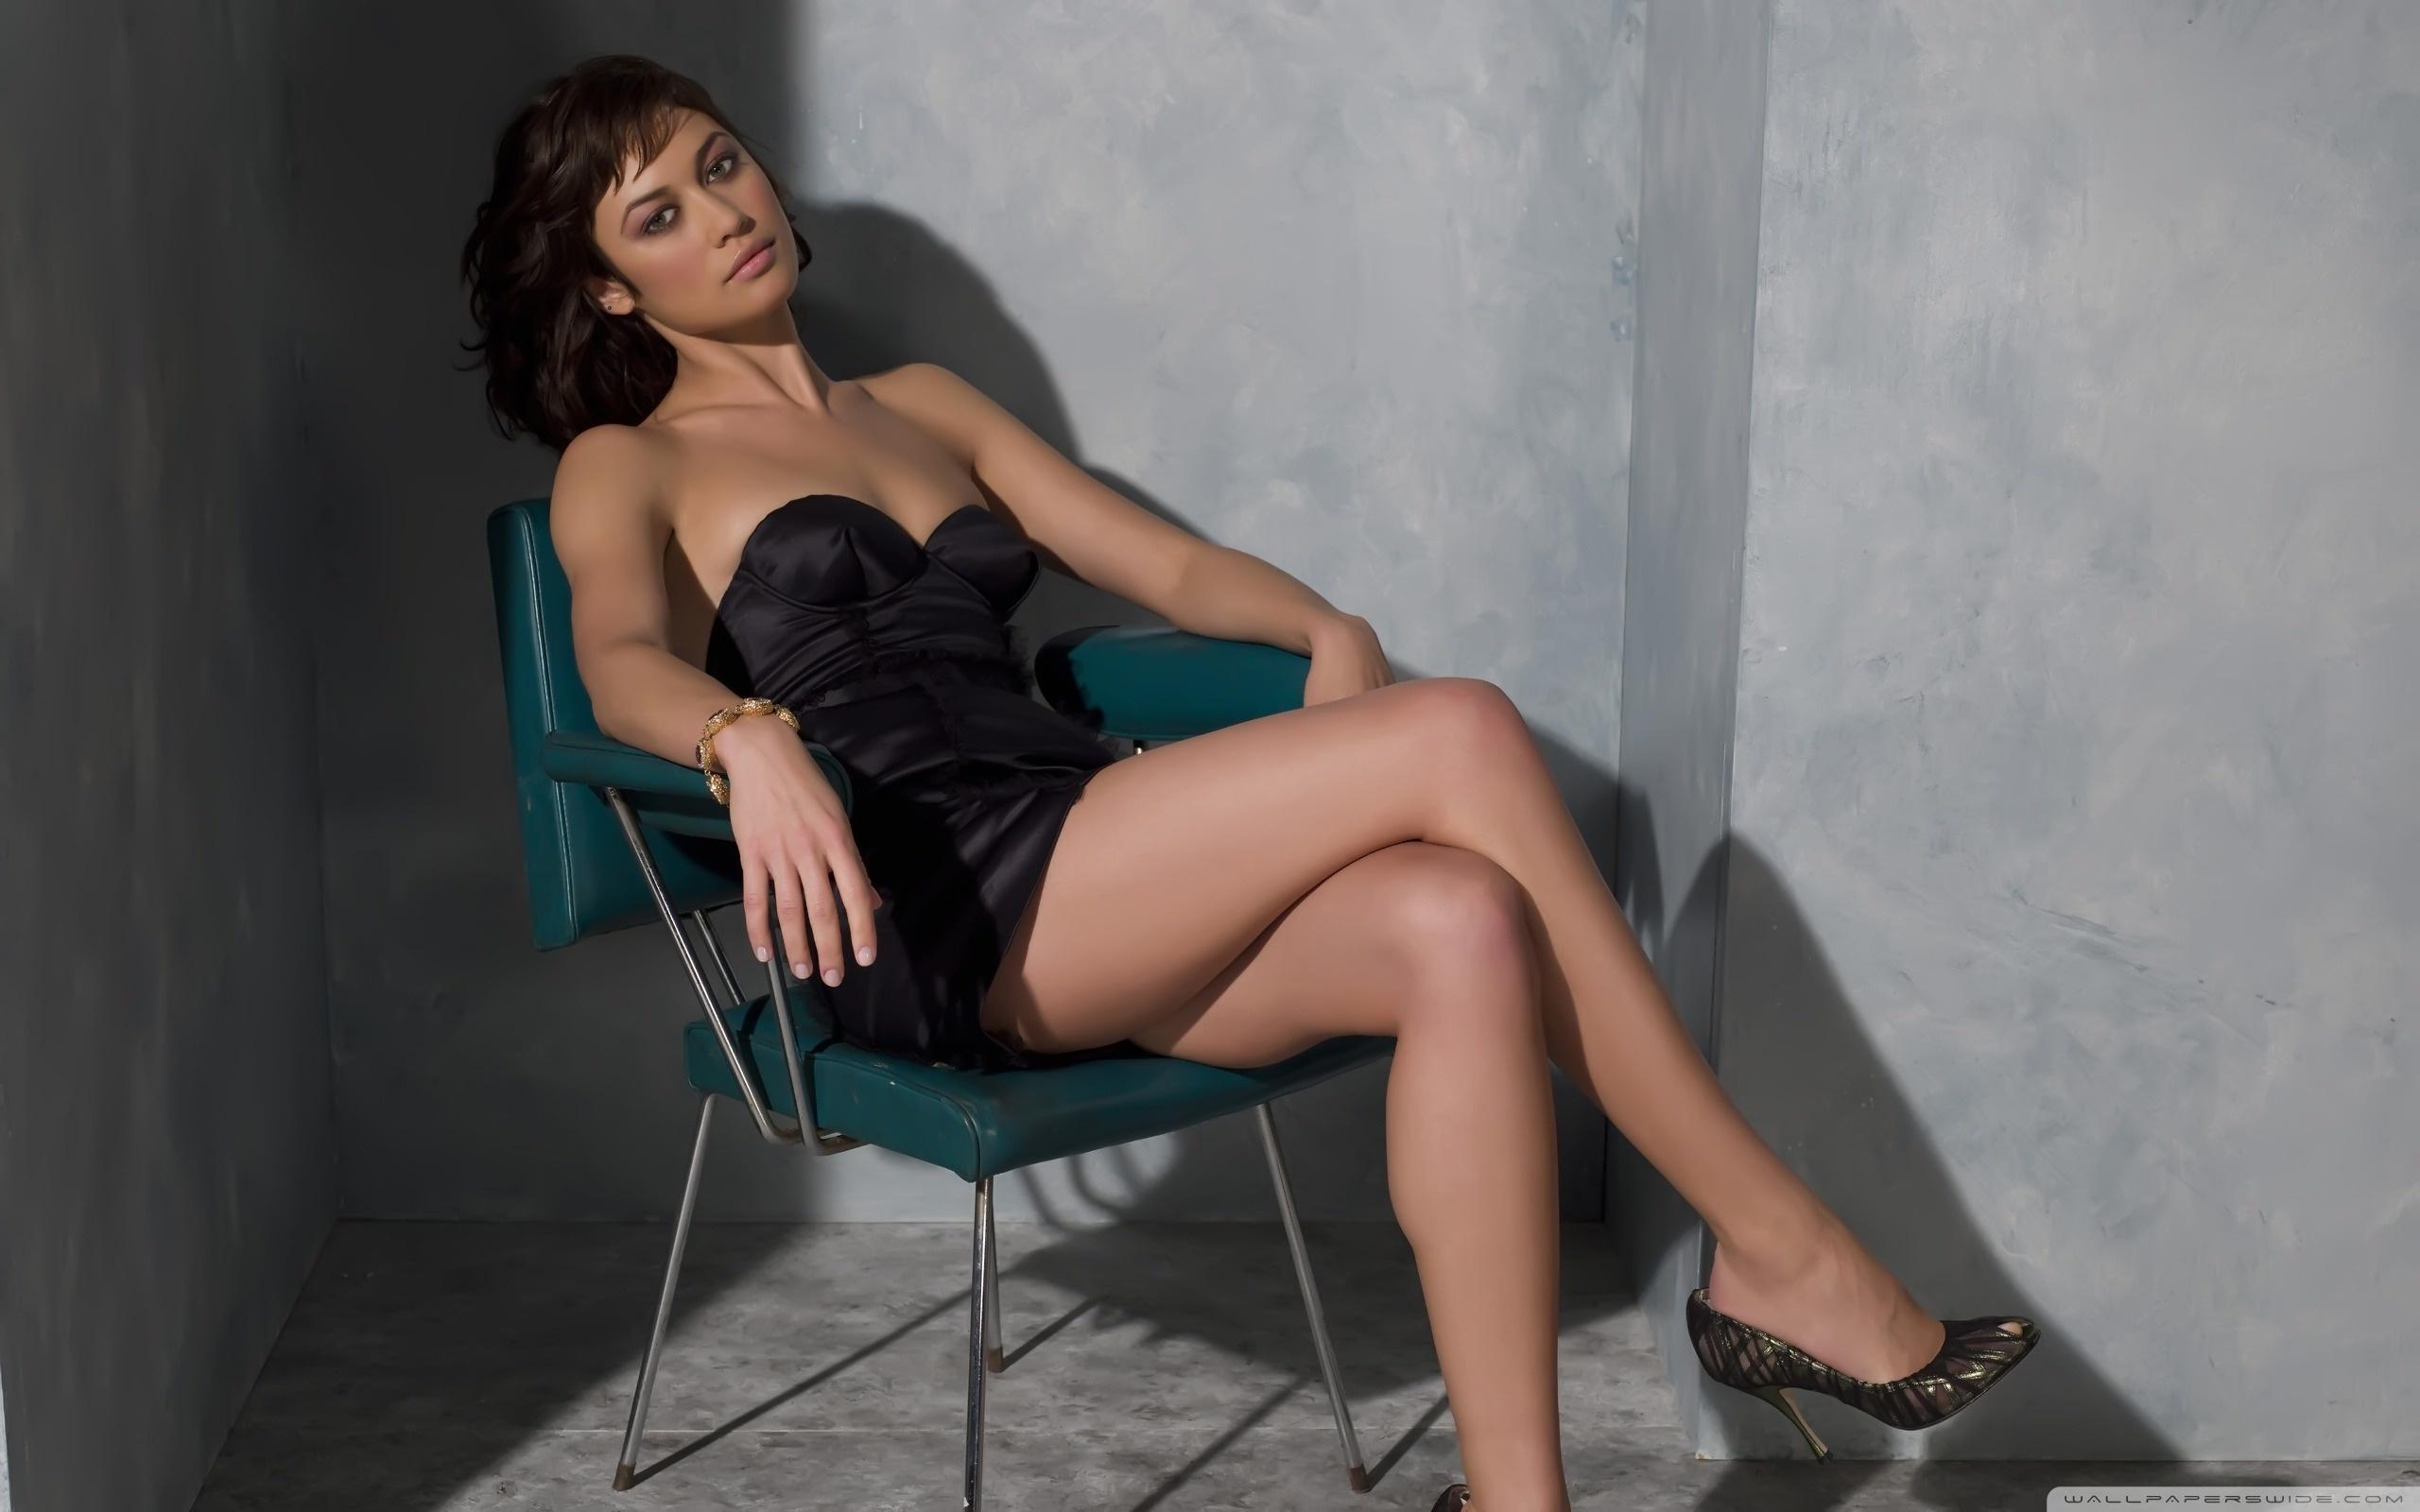 Olga kurylenko legs